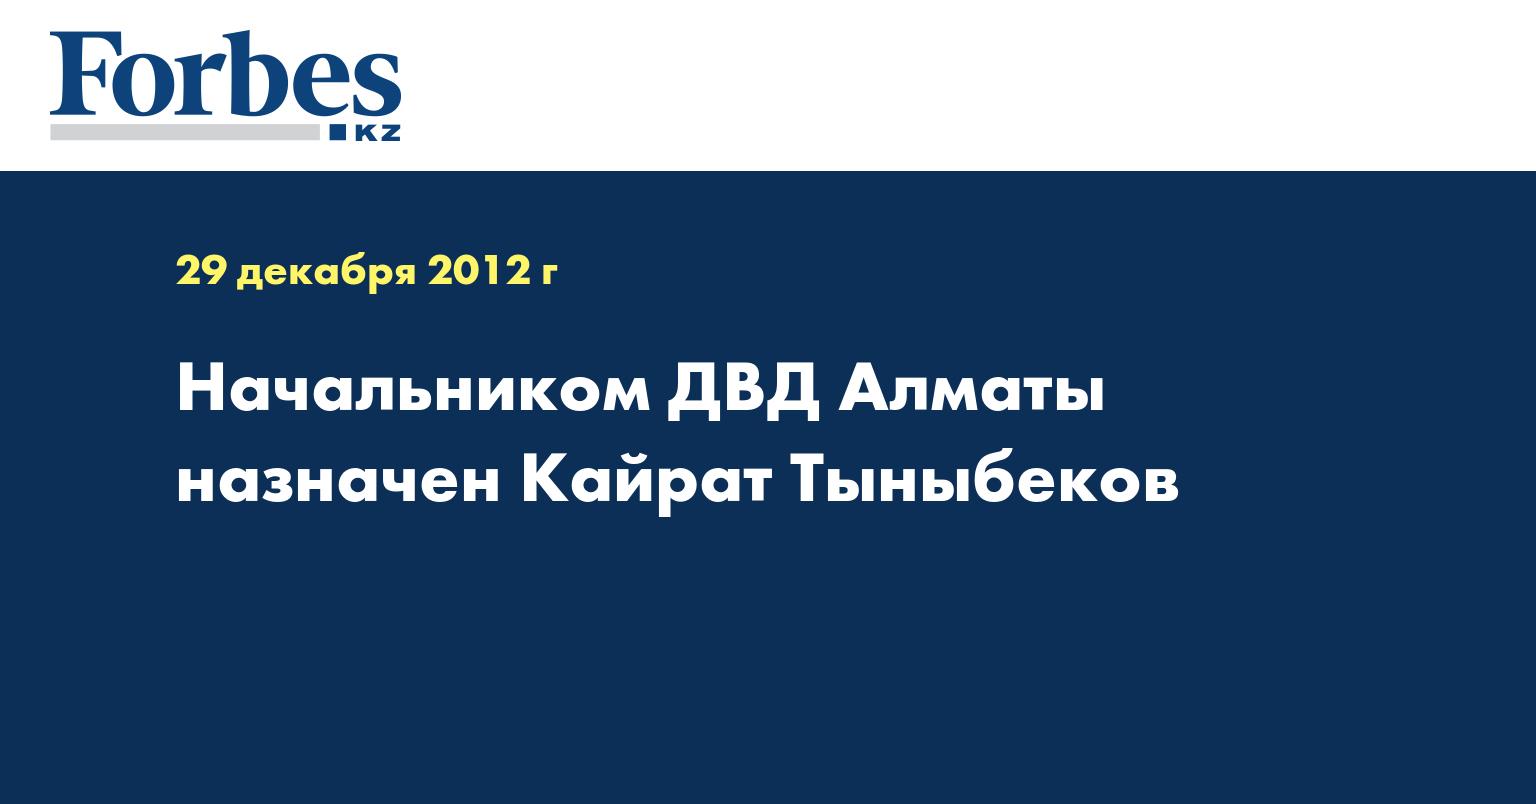 Начальником ДВД Алматы назначен Кайрат Тыныбеков